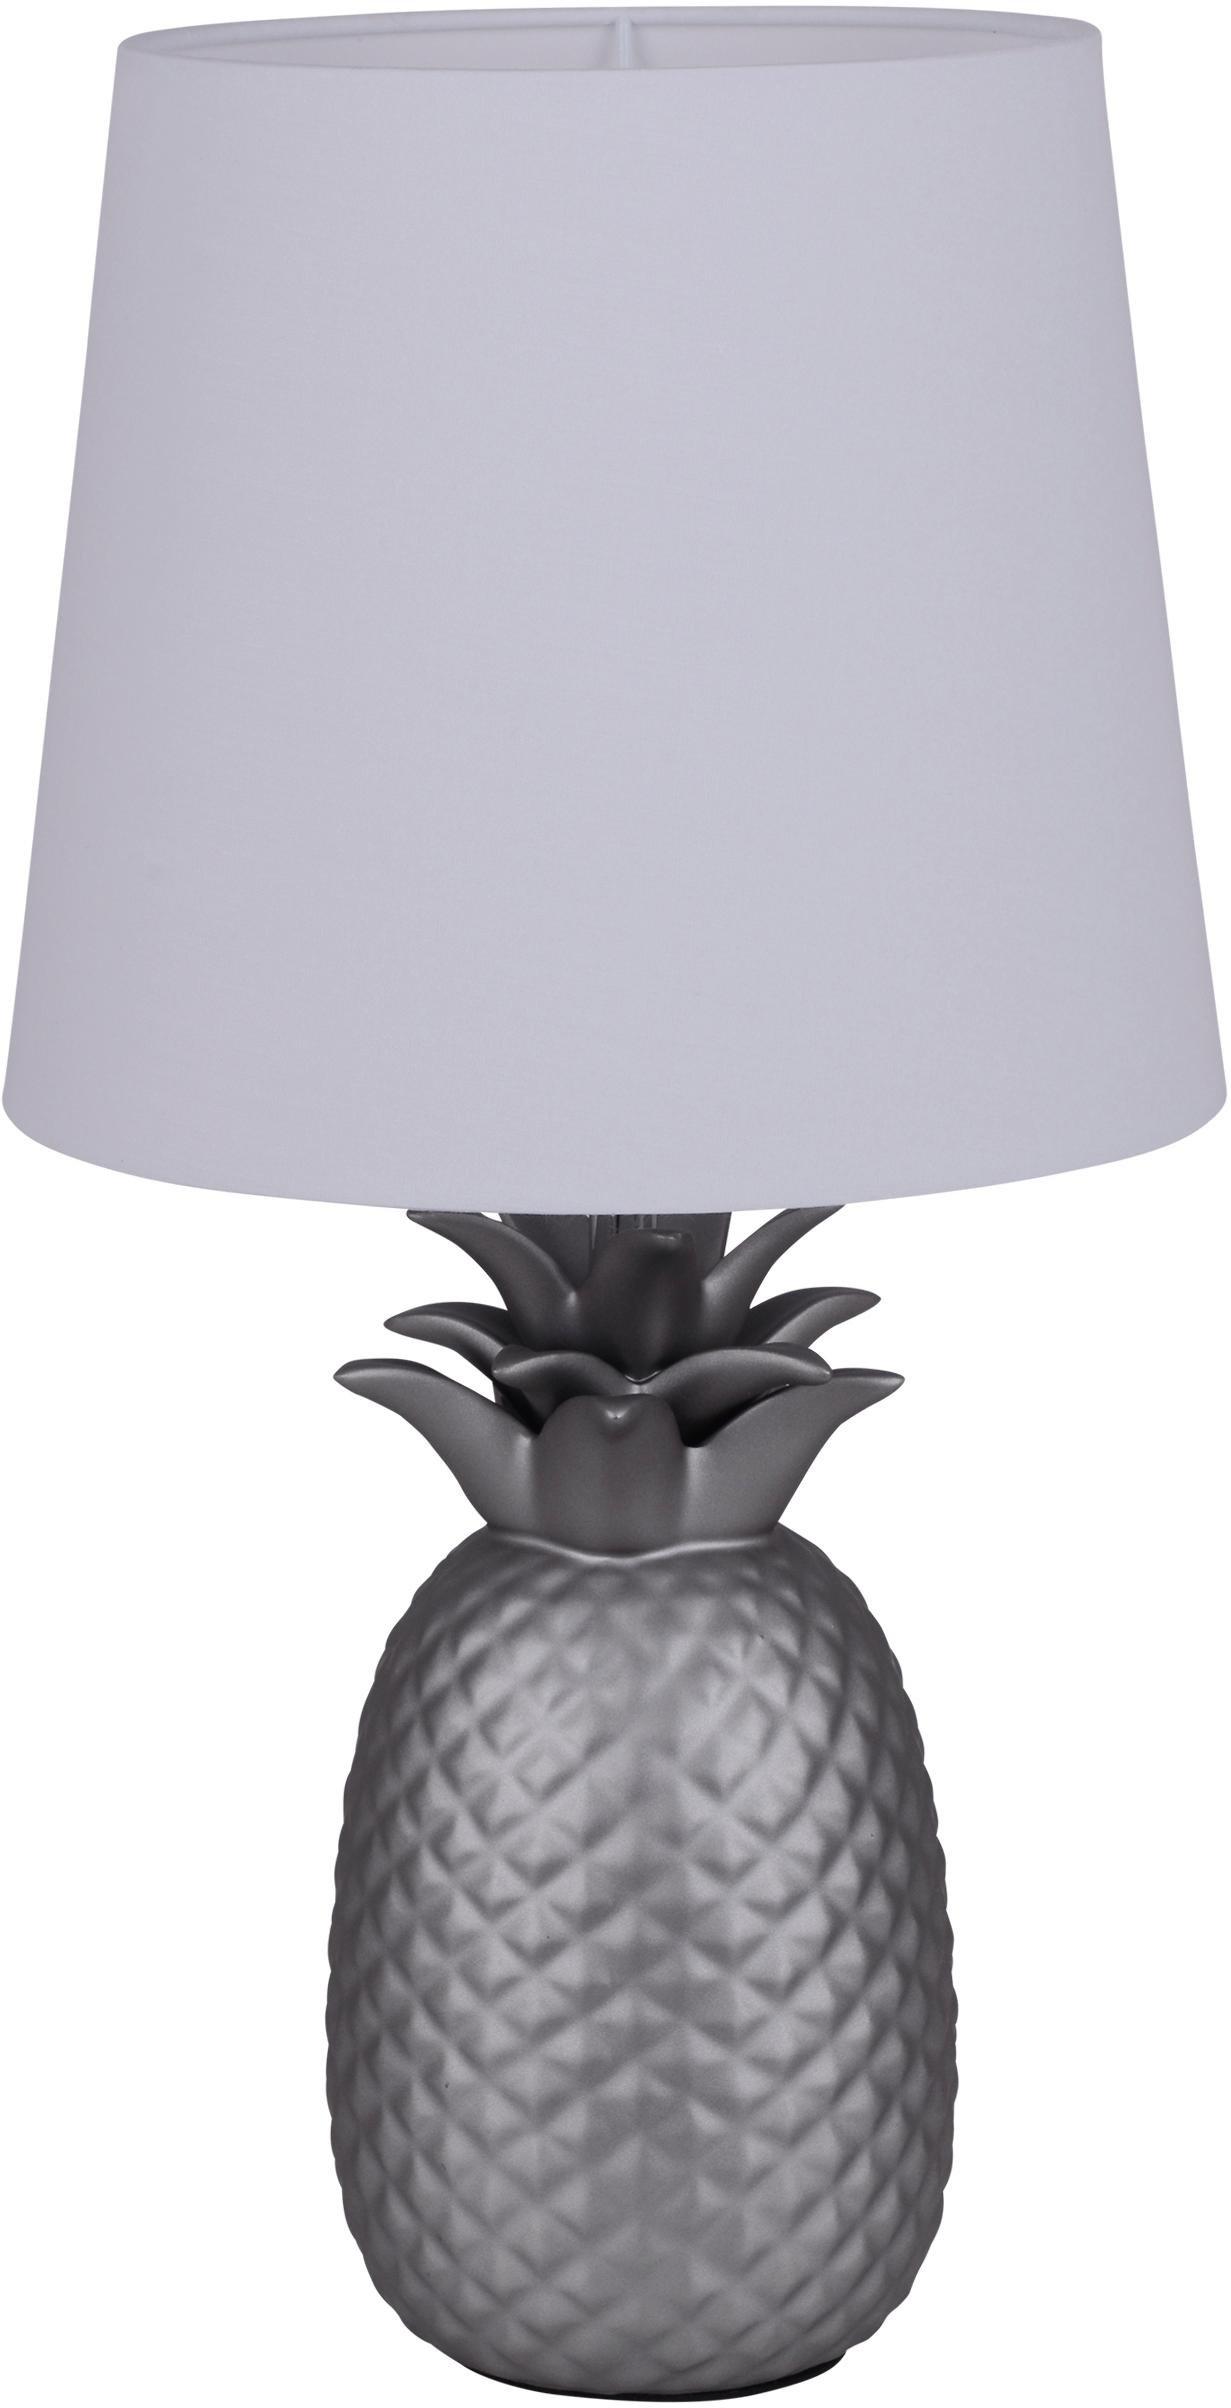 Op zoek naar een näve tafellamp Keramiek (1 stuk)? Koop online bij OTTO